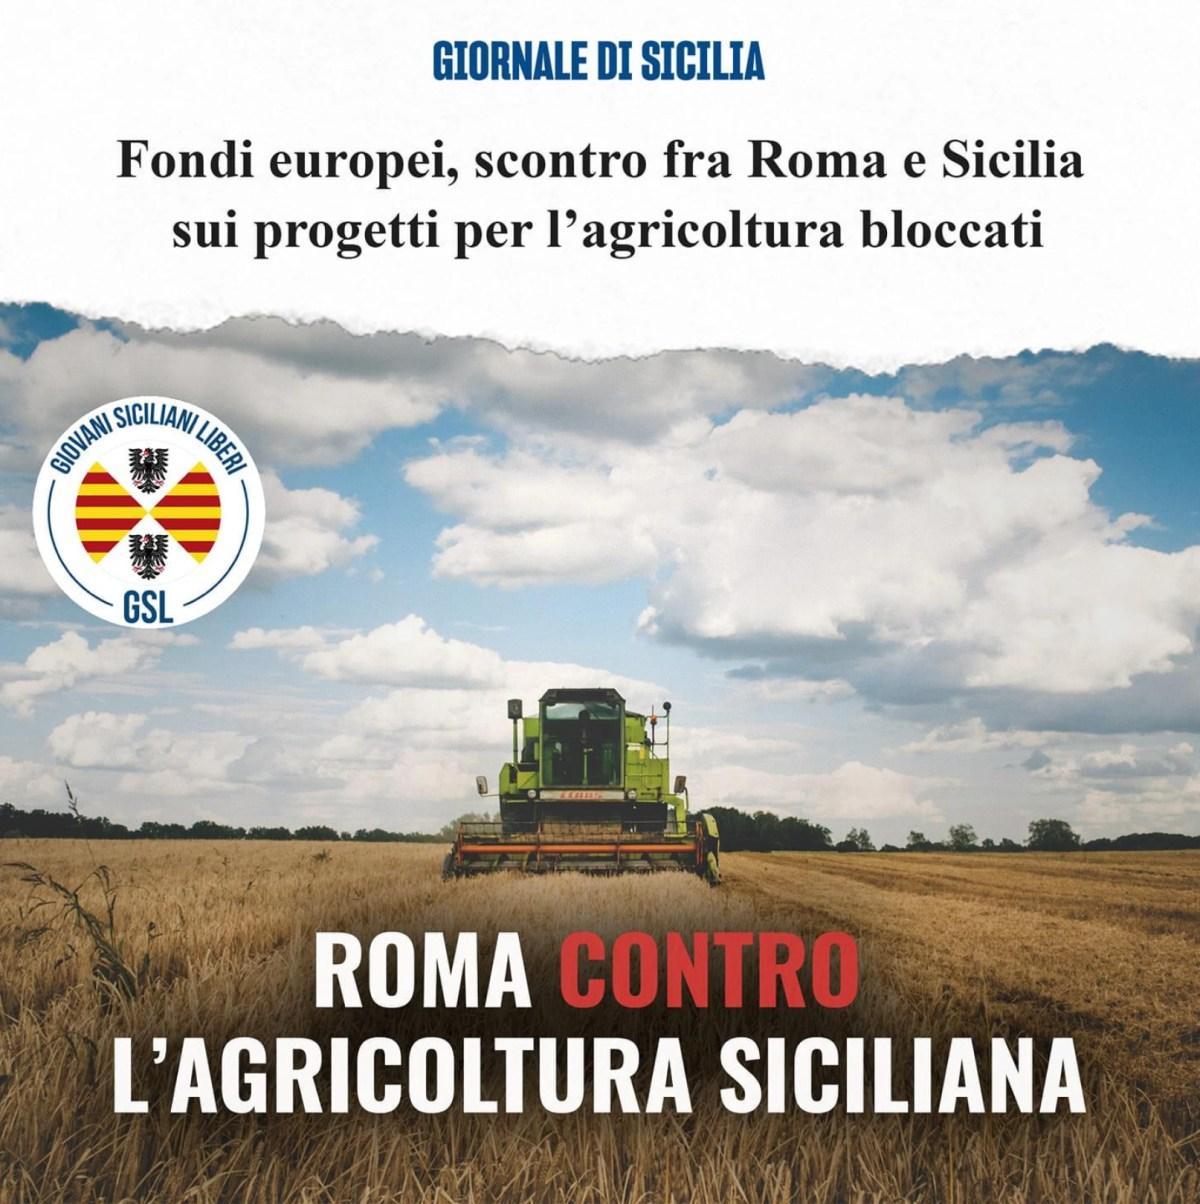 Politici schiavi di Roma danneggiano l'agricoltura siciliana